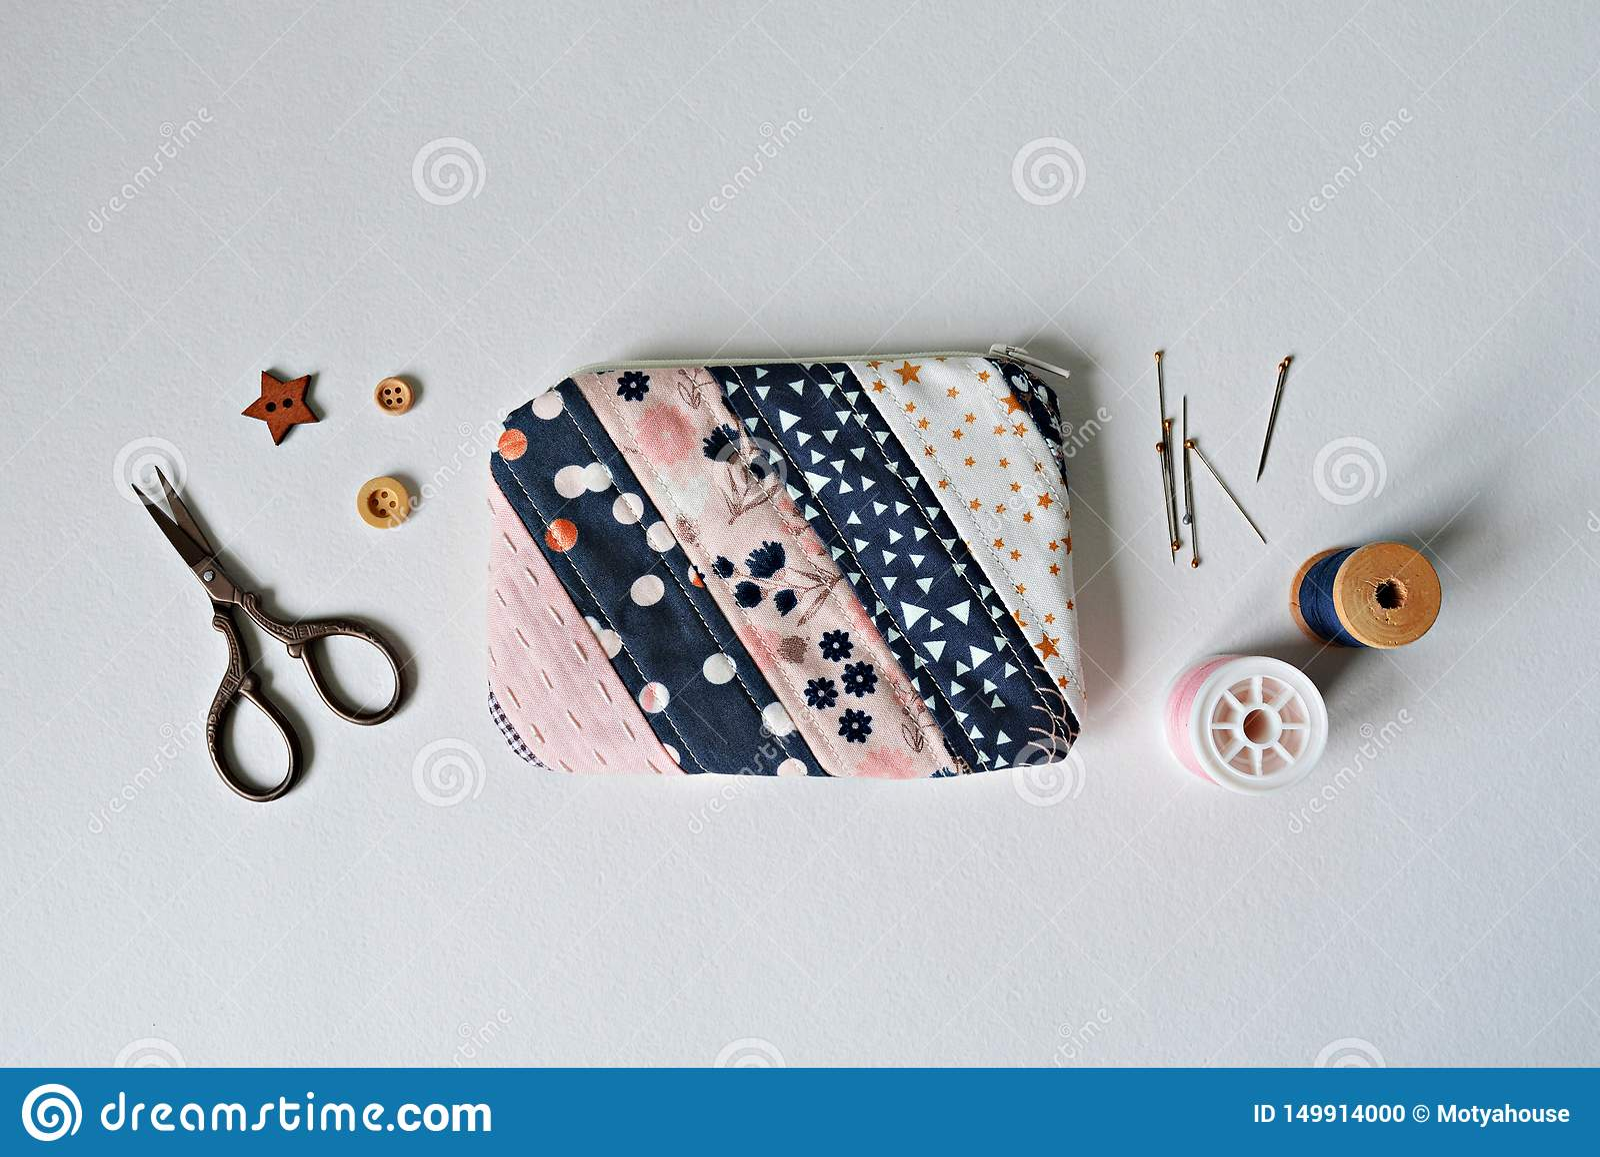 Bolsa acolchada de la noción del remiendo, hilo, pernos de metal, tijeras y botones de madera